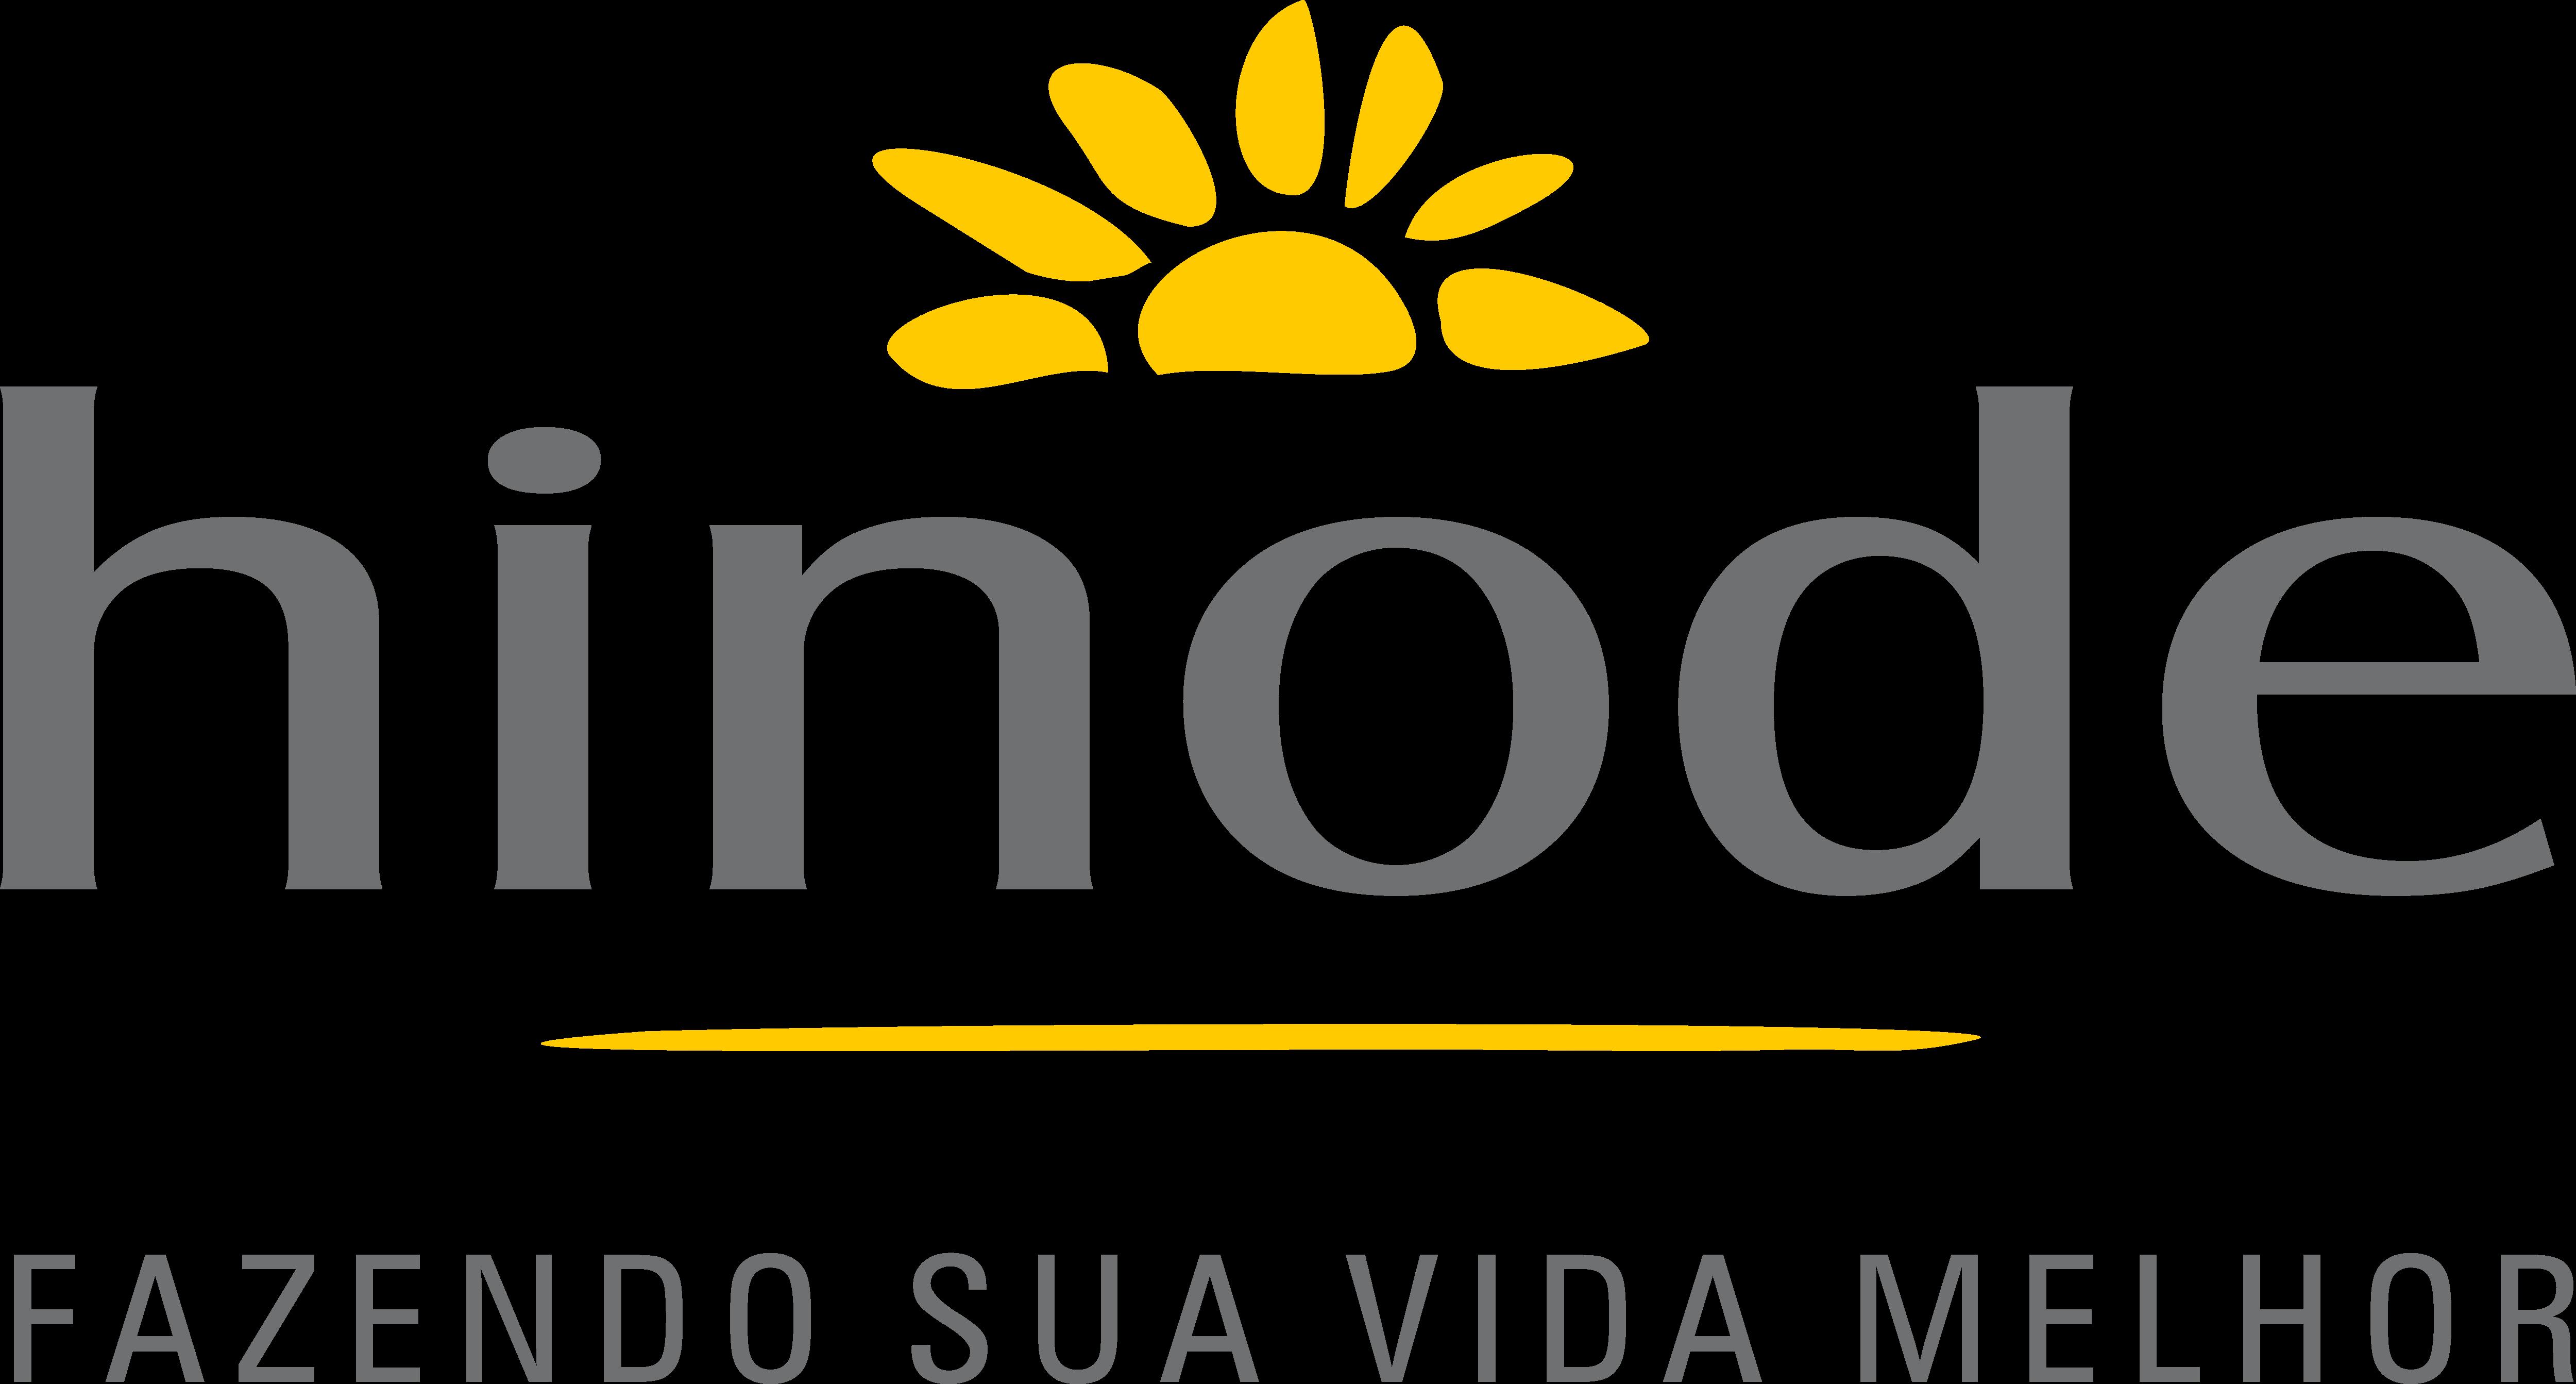 hinode-logo